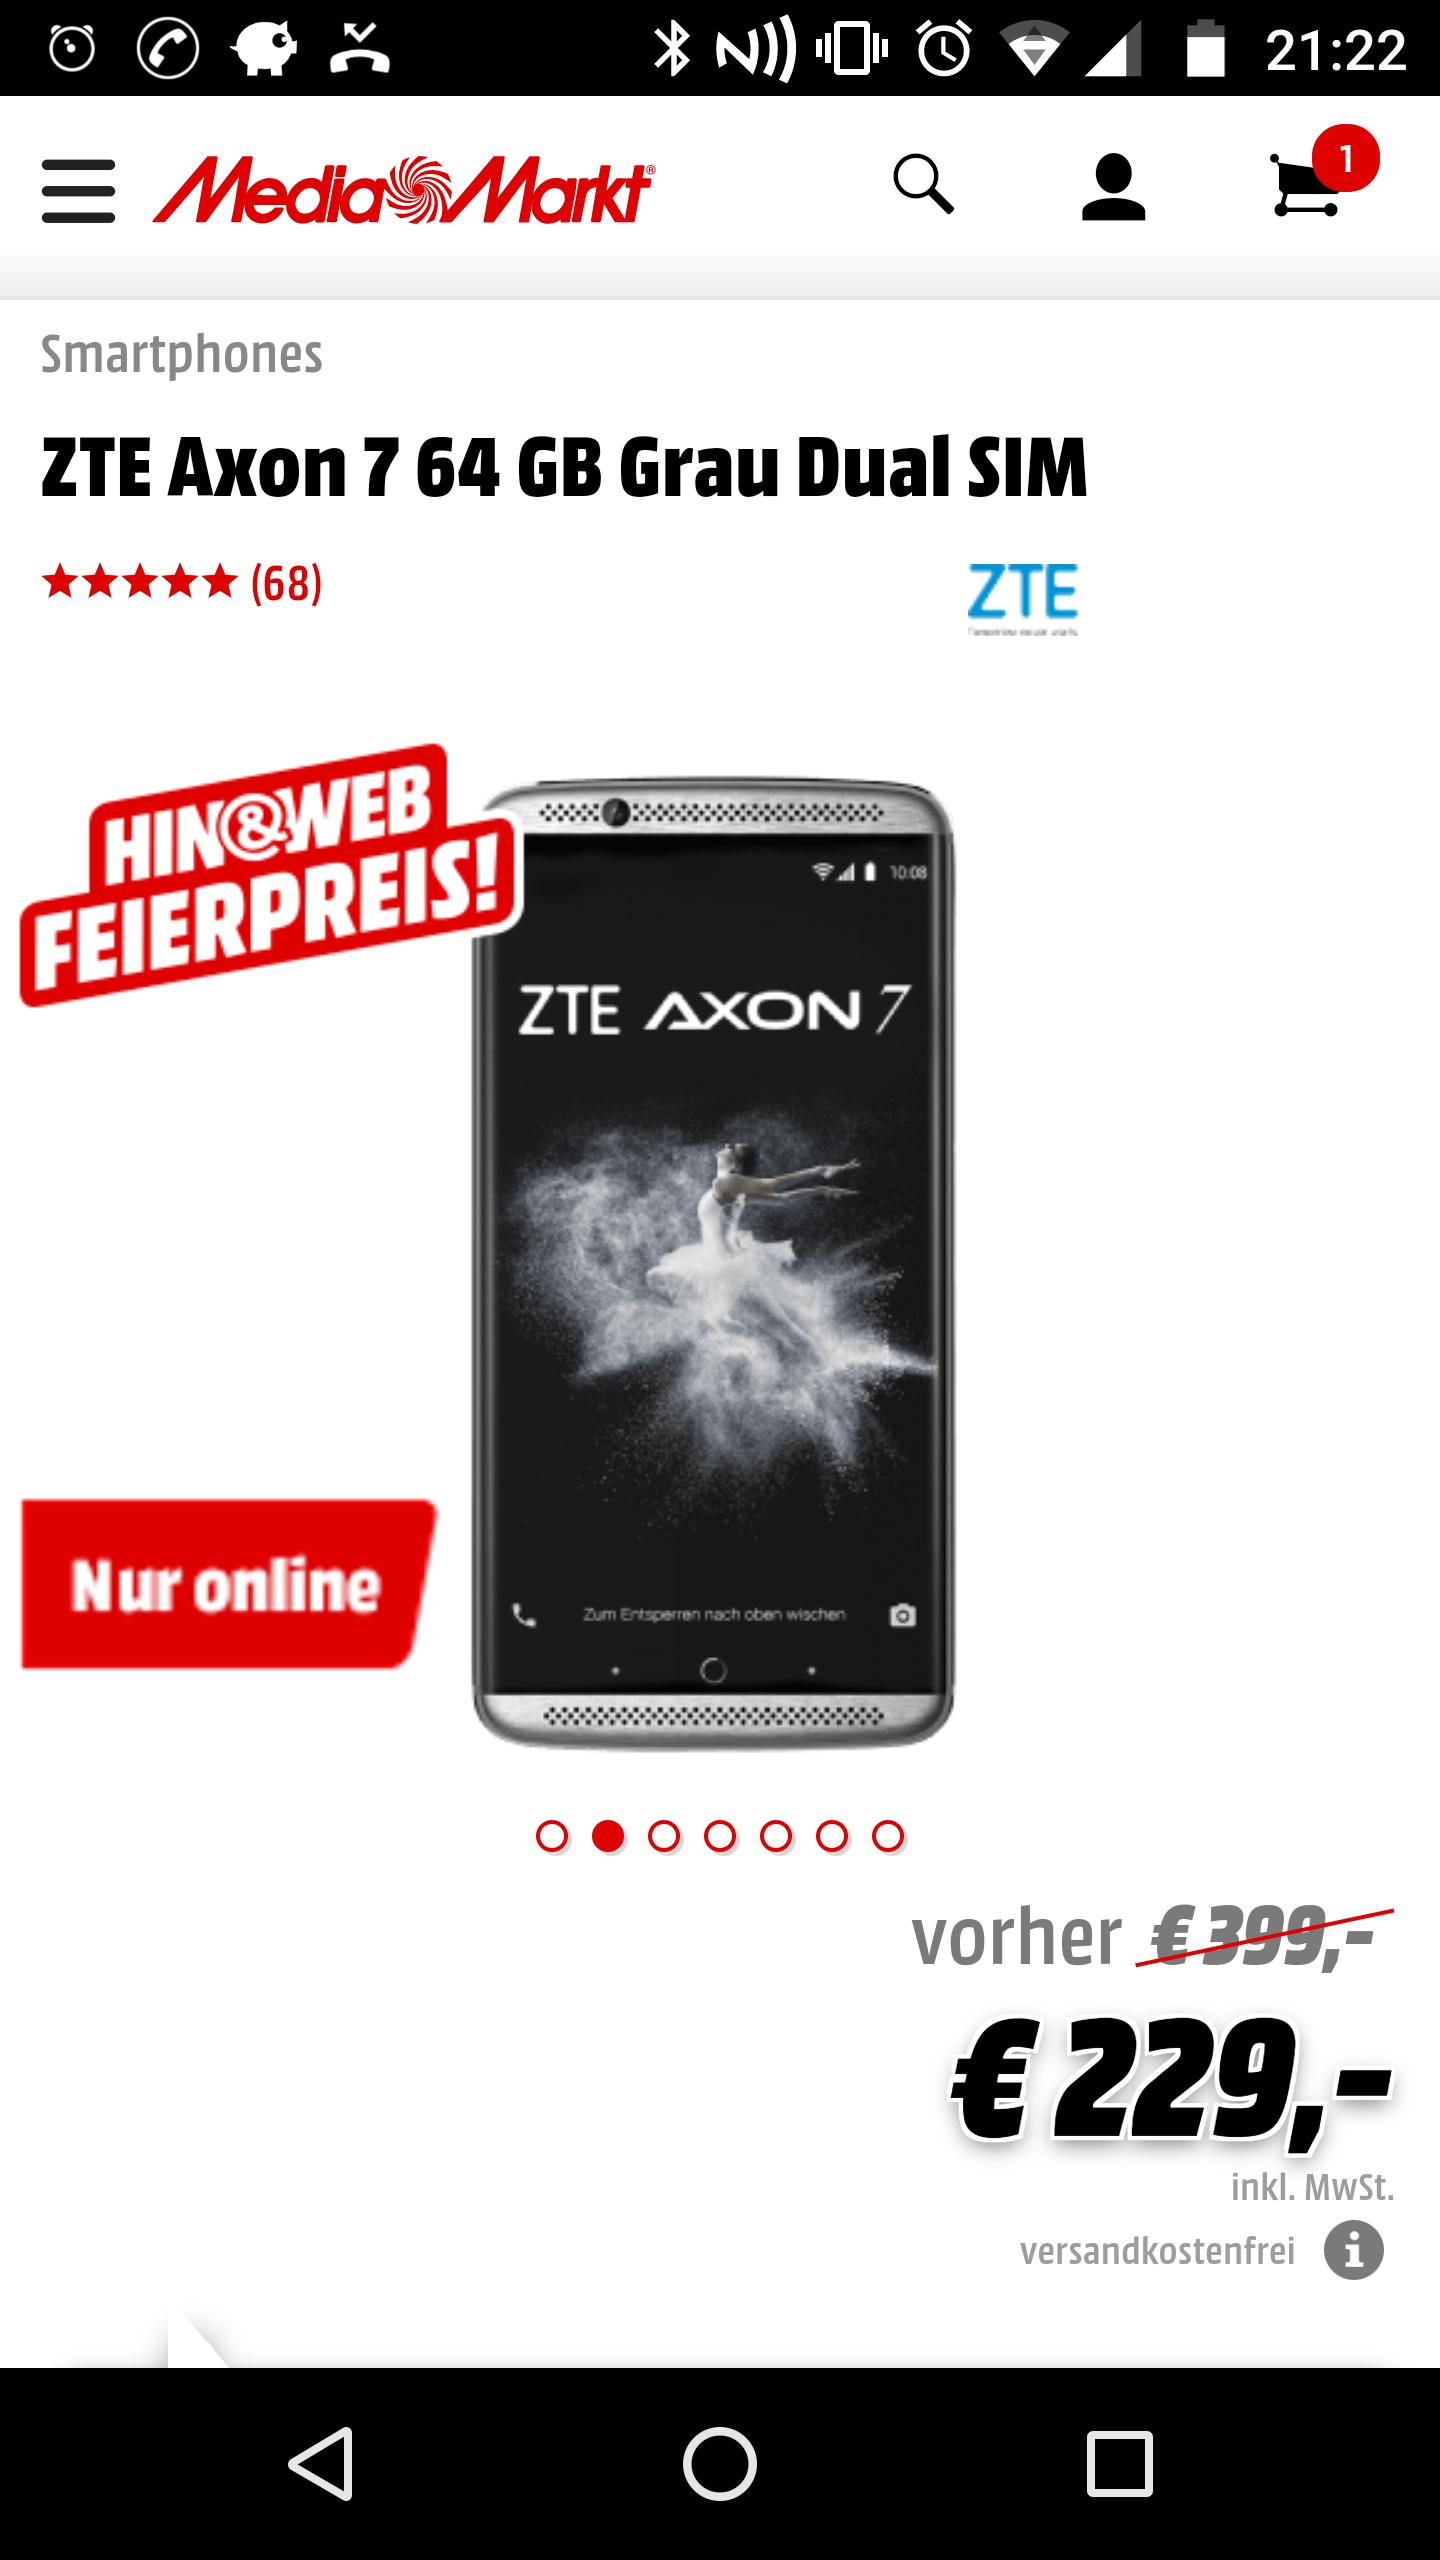 W niemieckim mediamarkcie ZTE Axon 7 64 GB za 229 euro